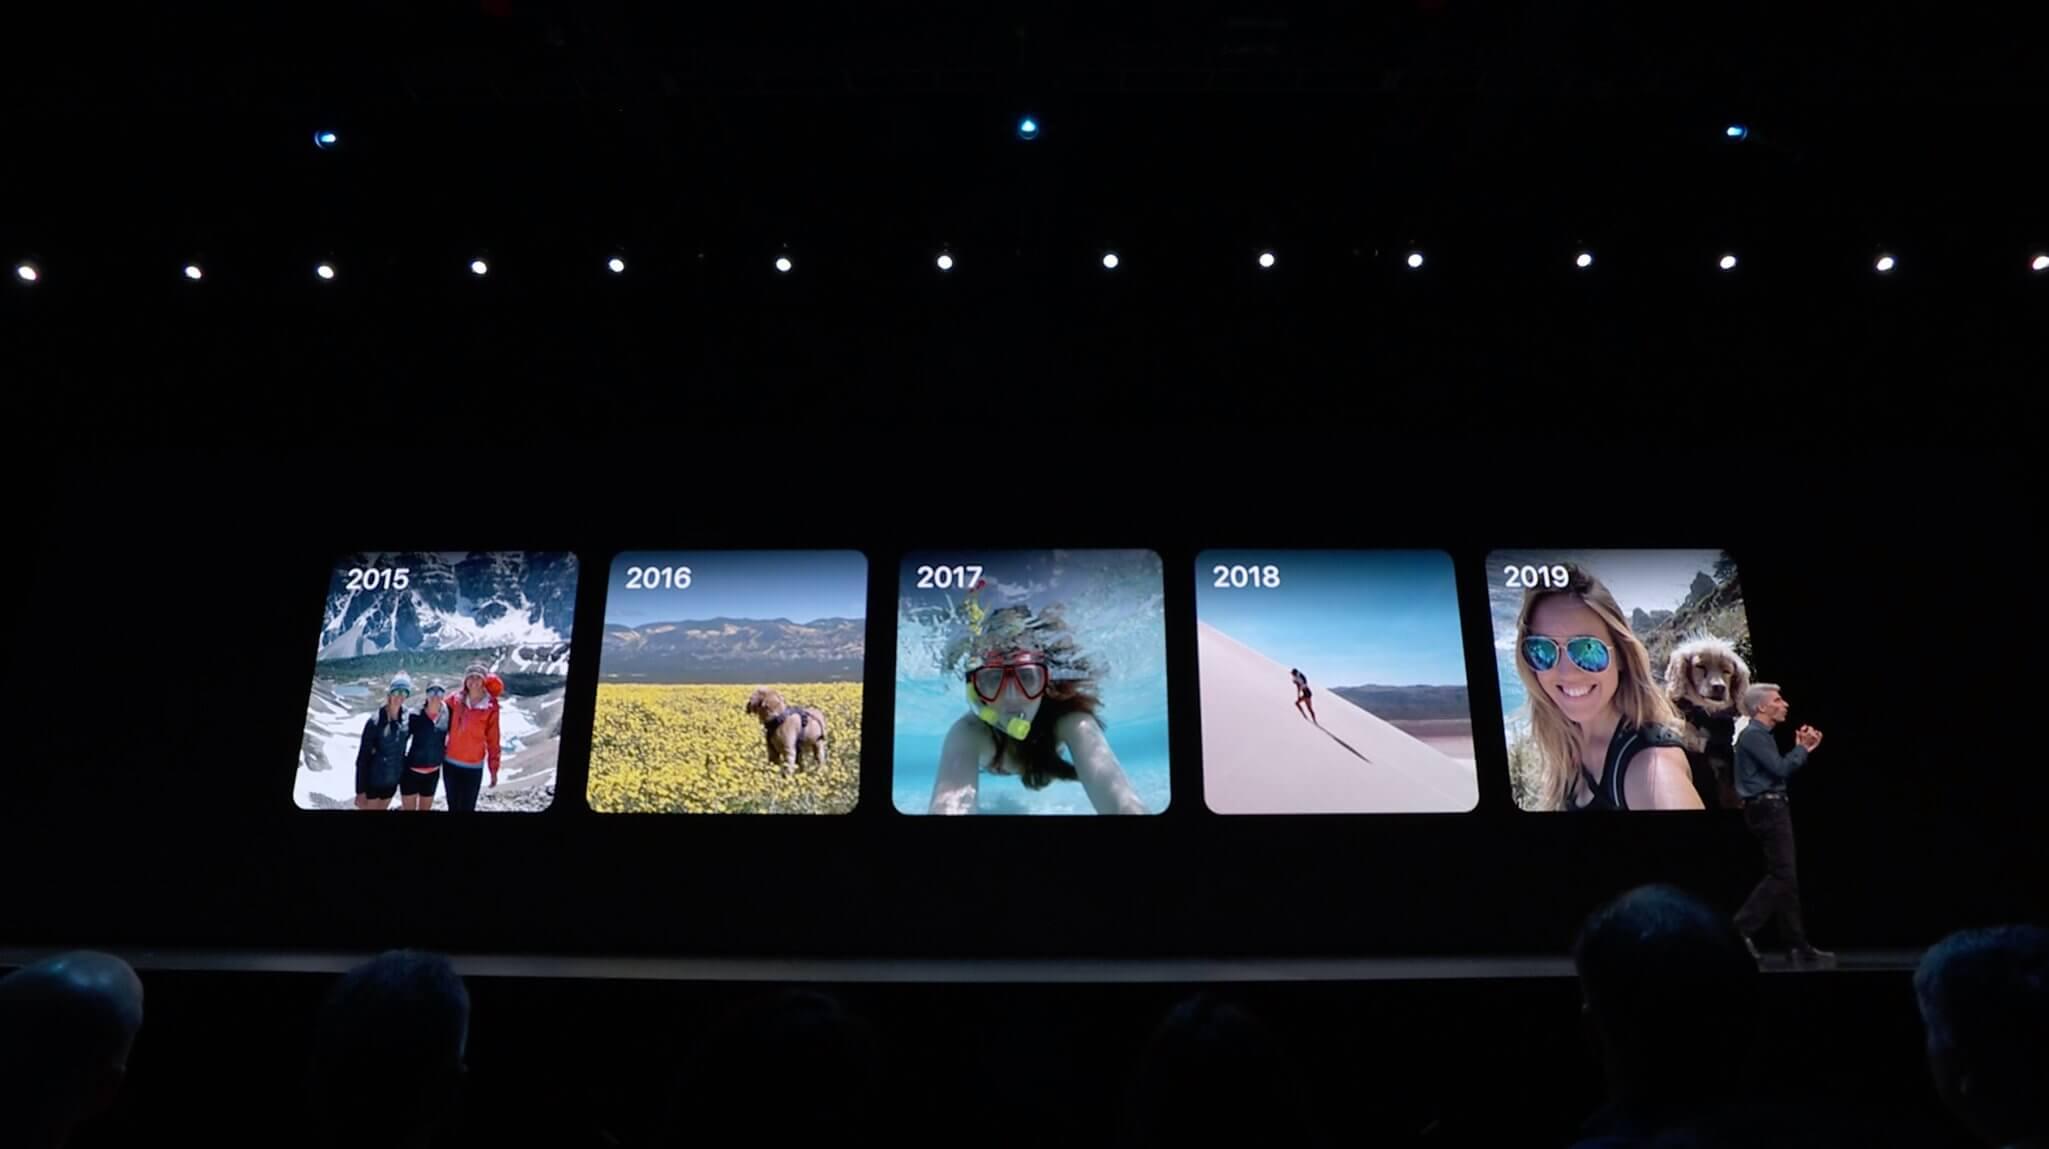 IOS 13 chính thức ra mắt 35